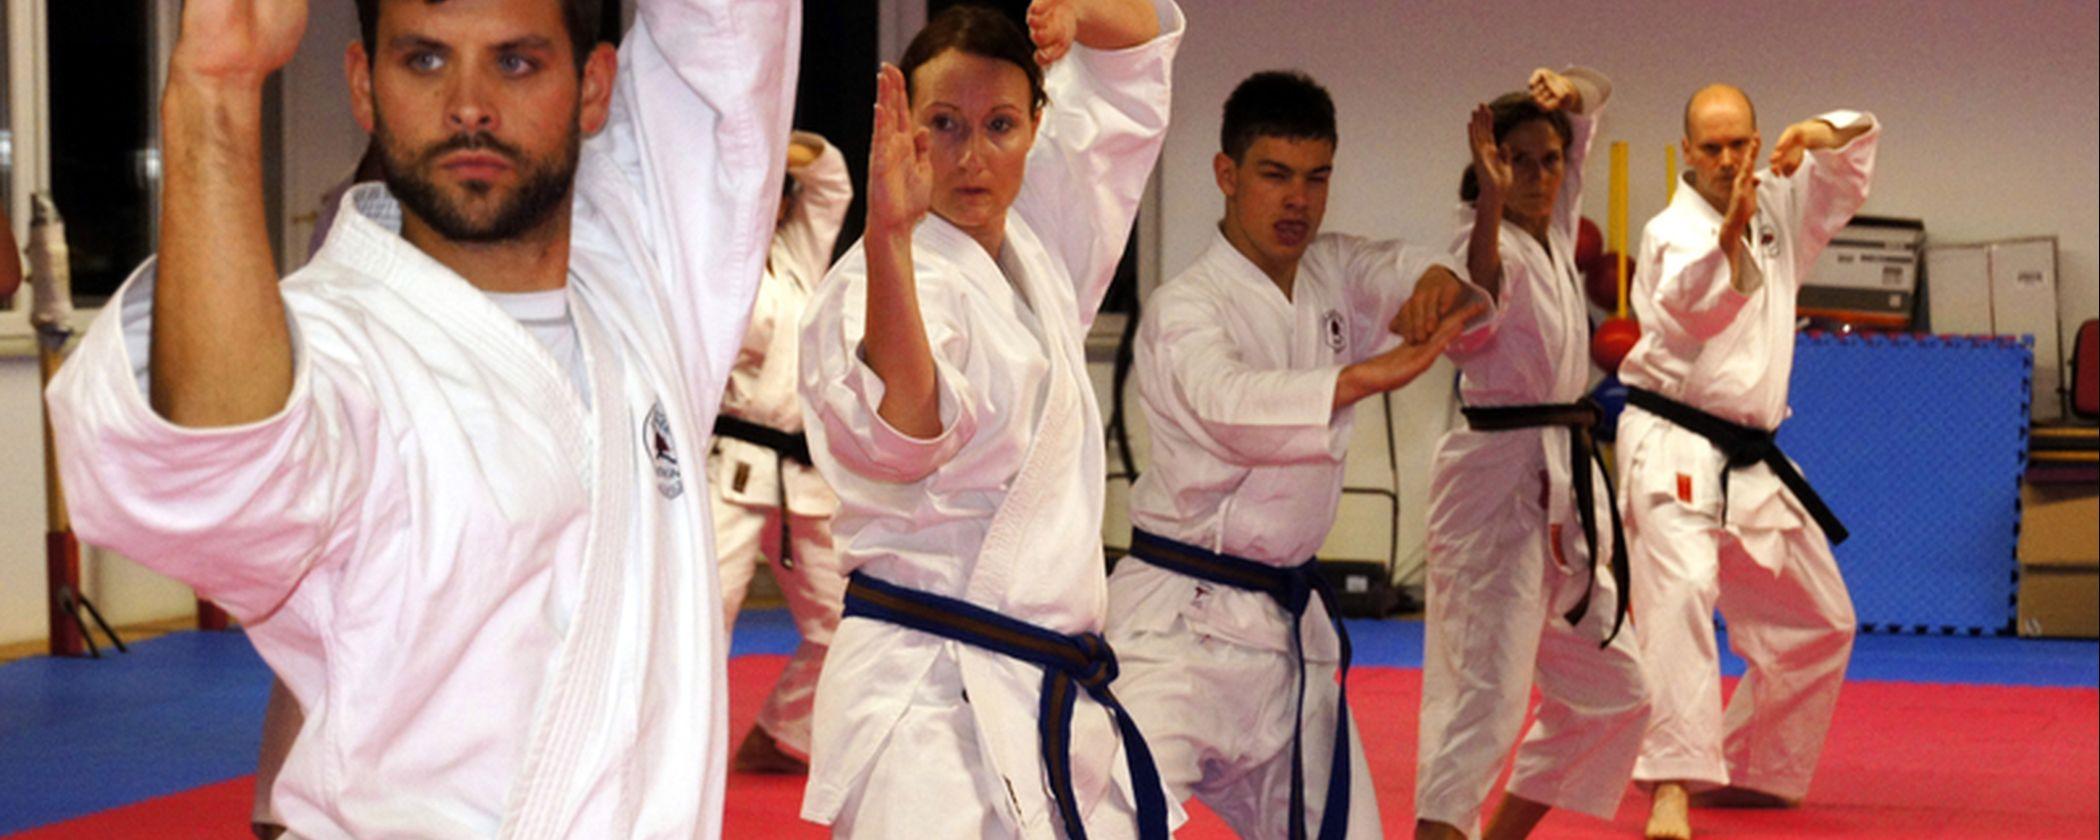 arts martiaux émeraude Saint-Malo karaté